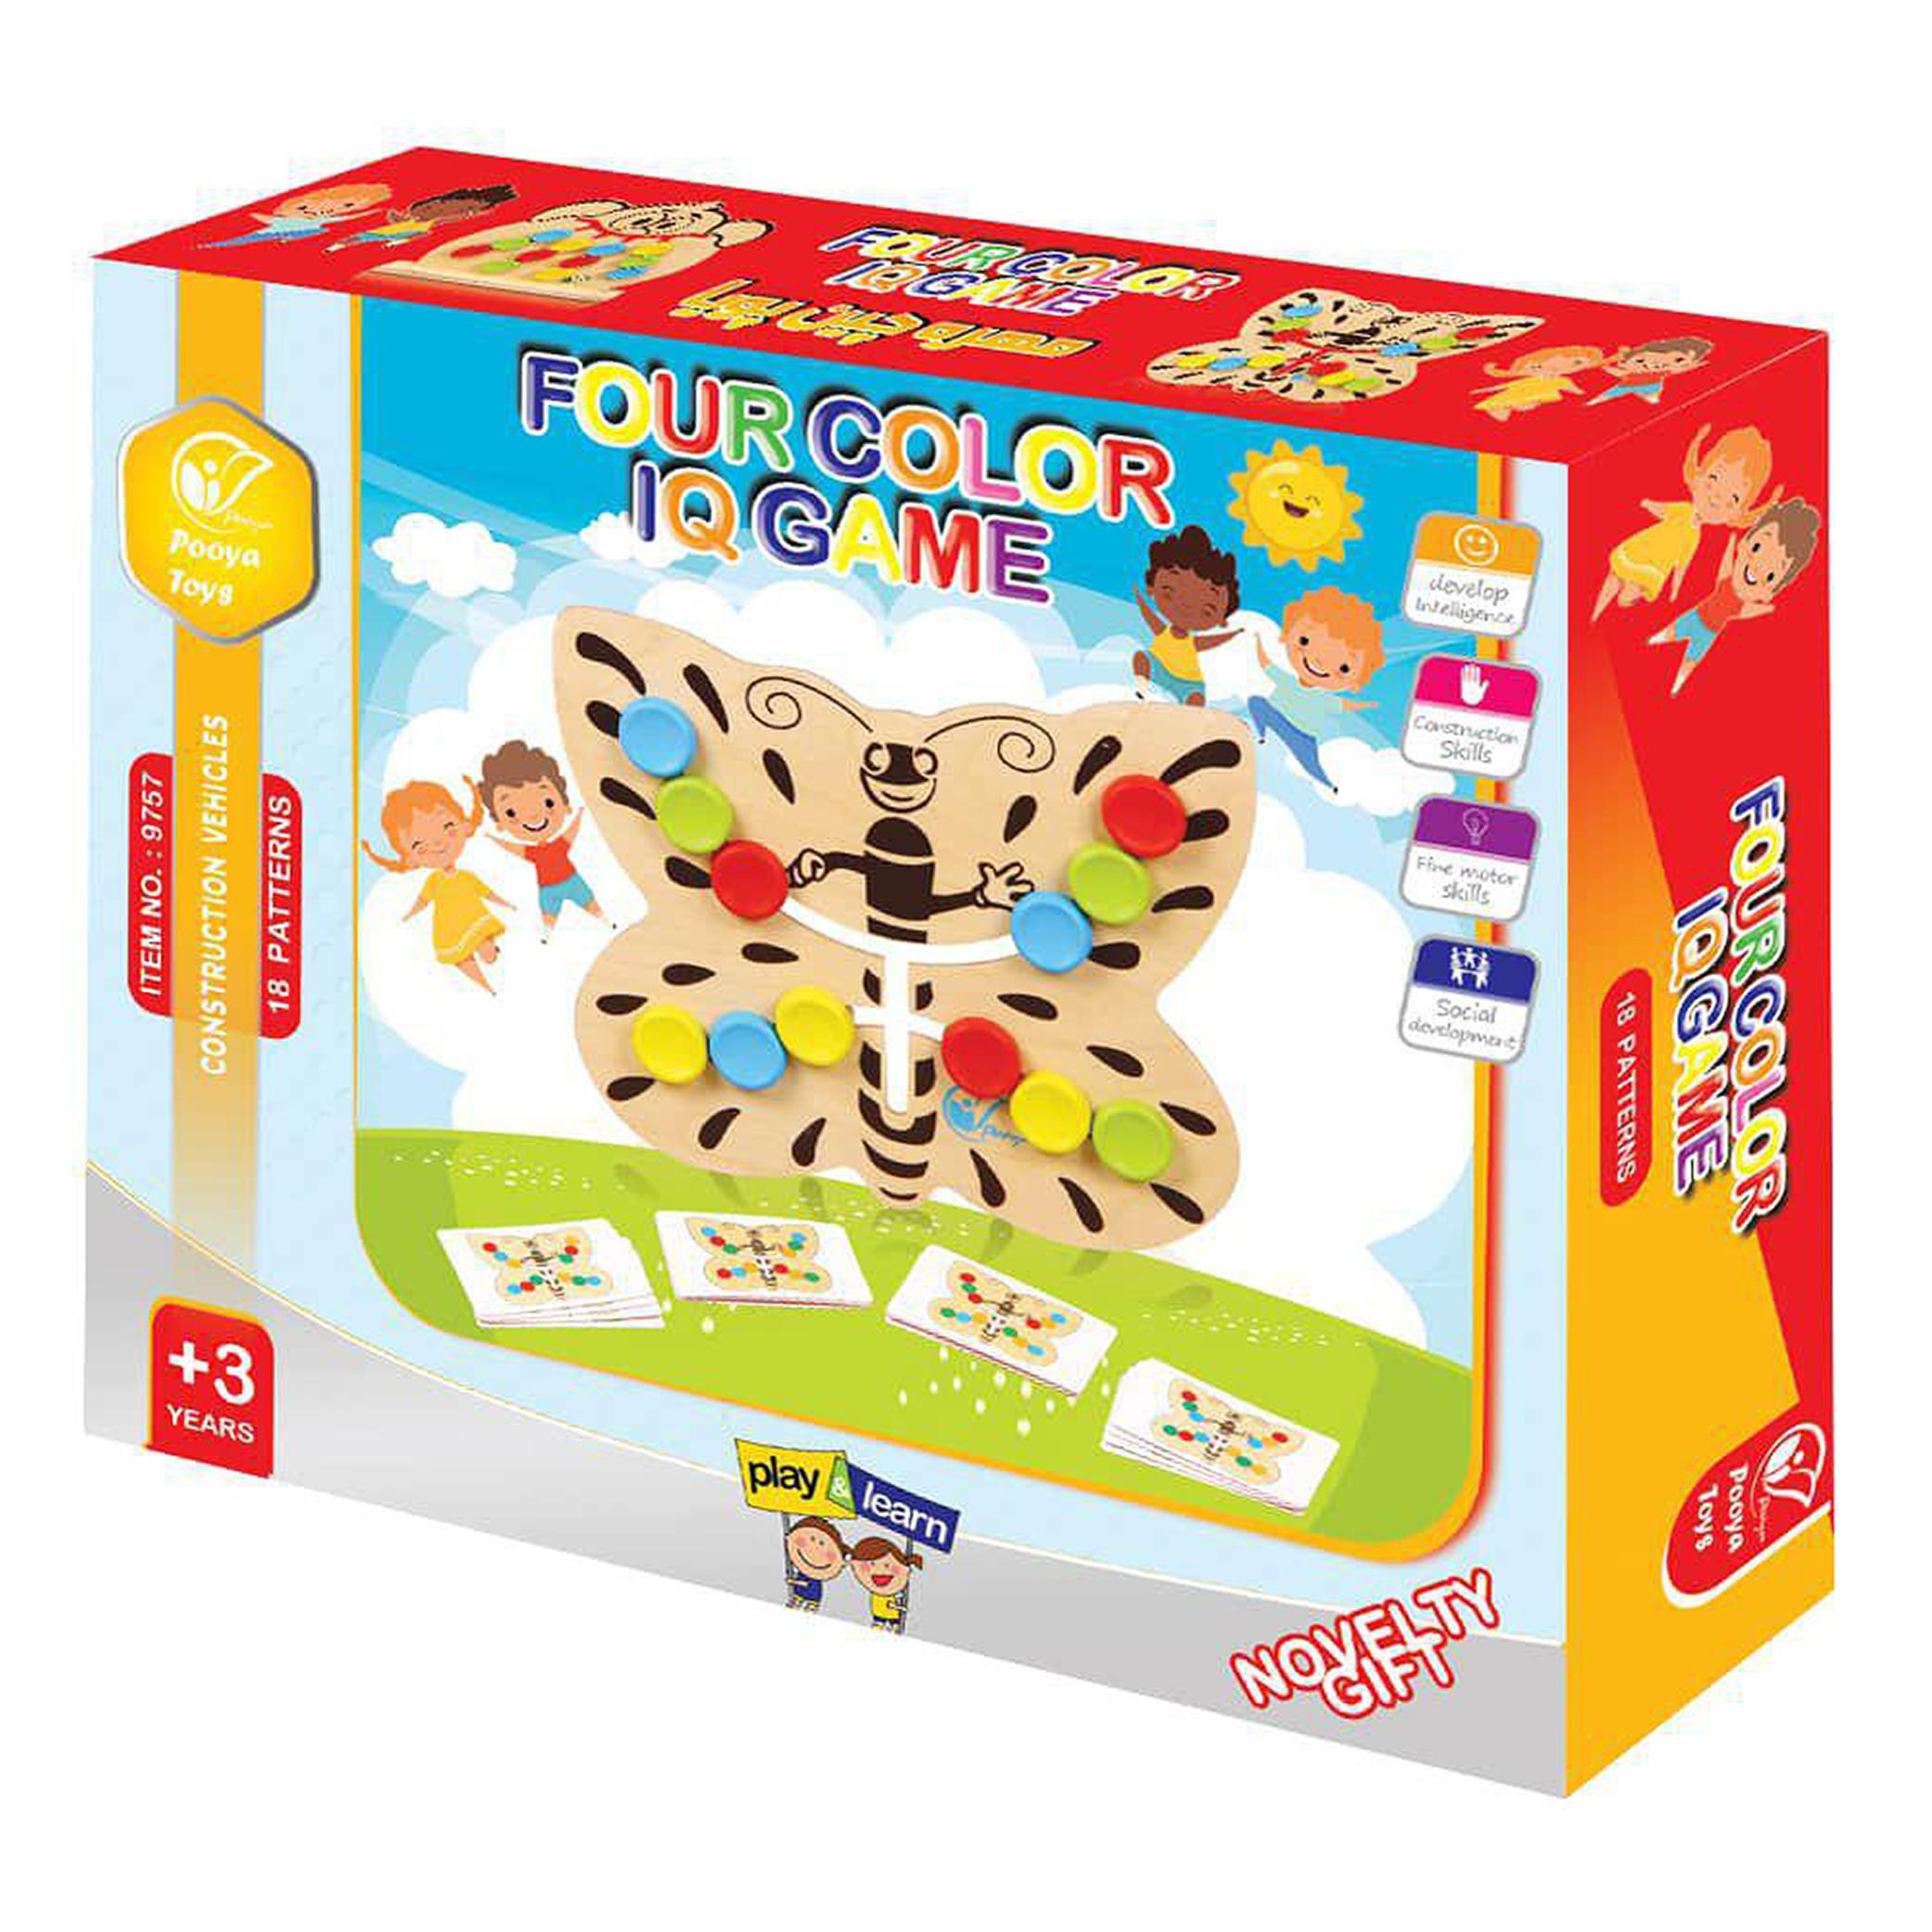 عکس بازی فکری اسباب بازی های پویا طرح مهره چین کد b76